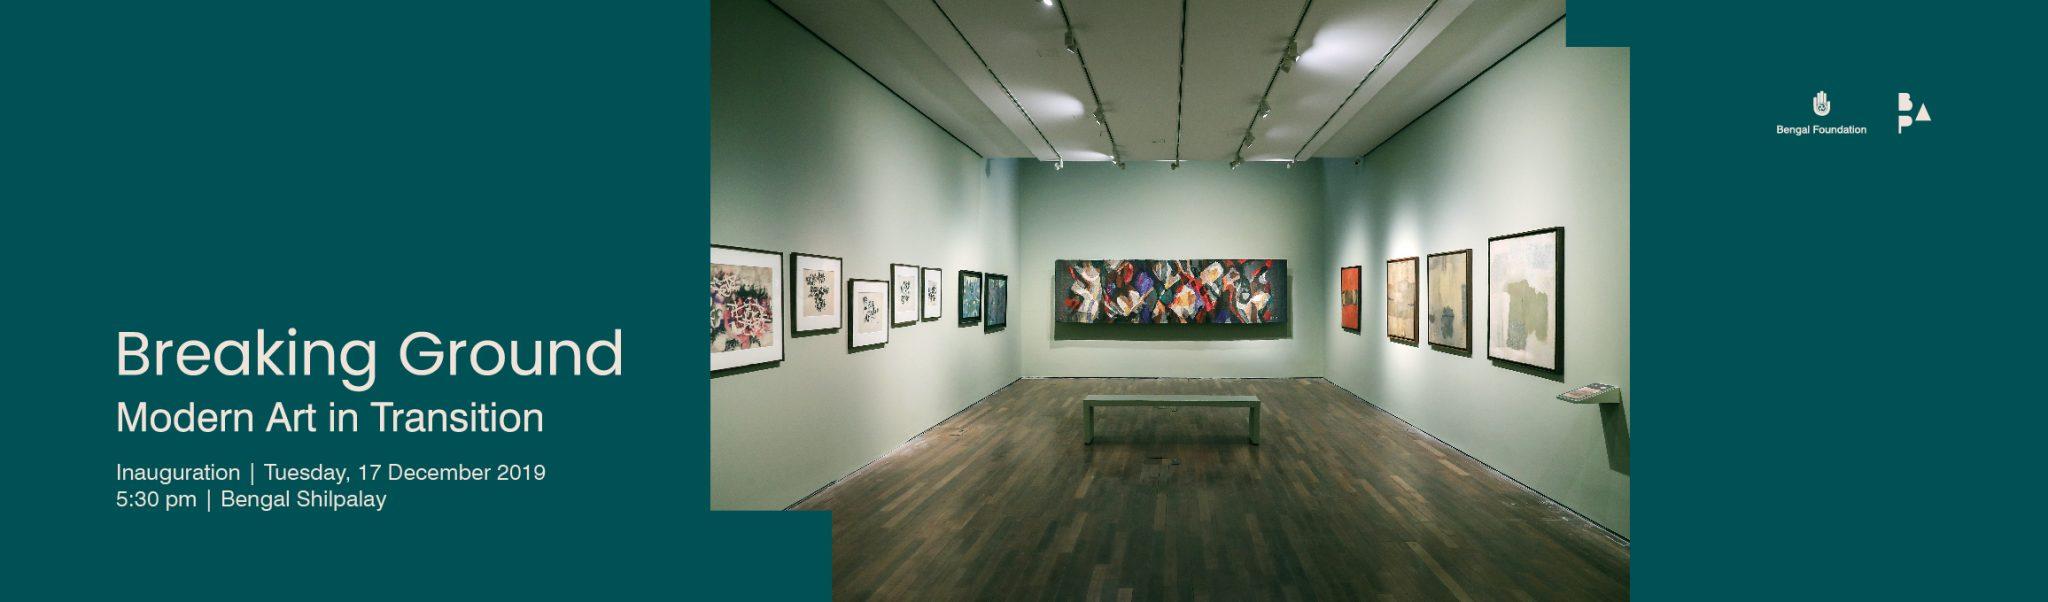 Breaking Ground: Modern Art in Transition